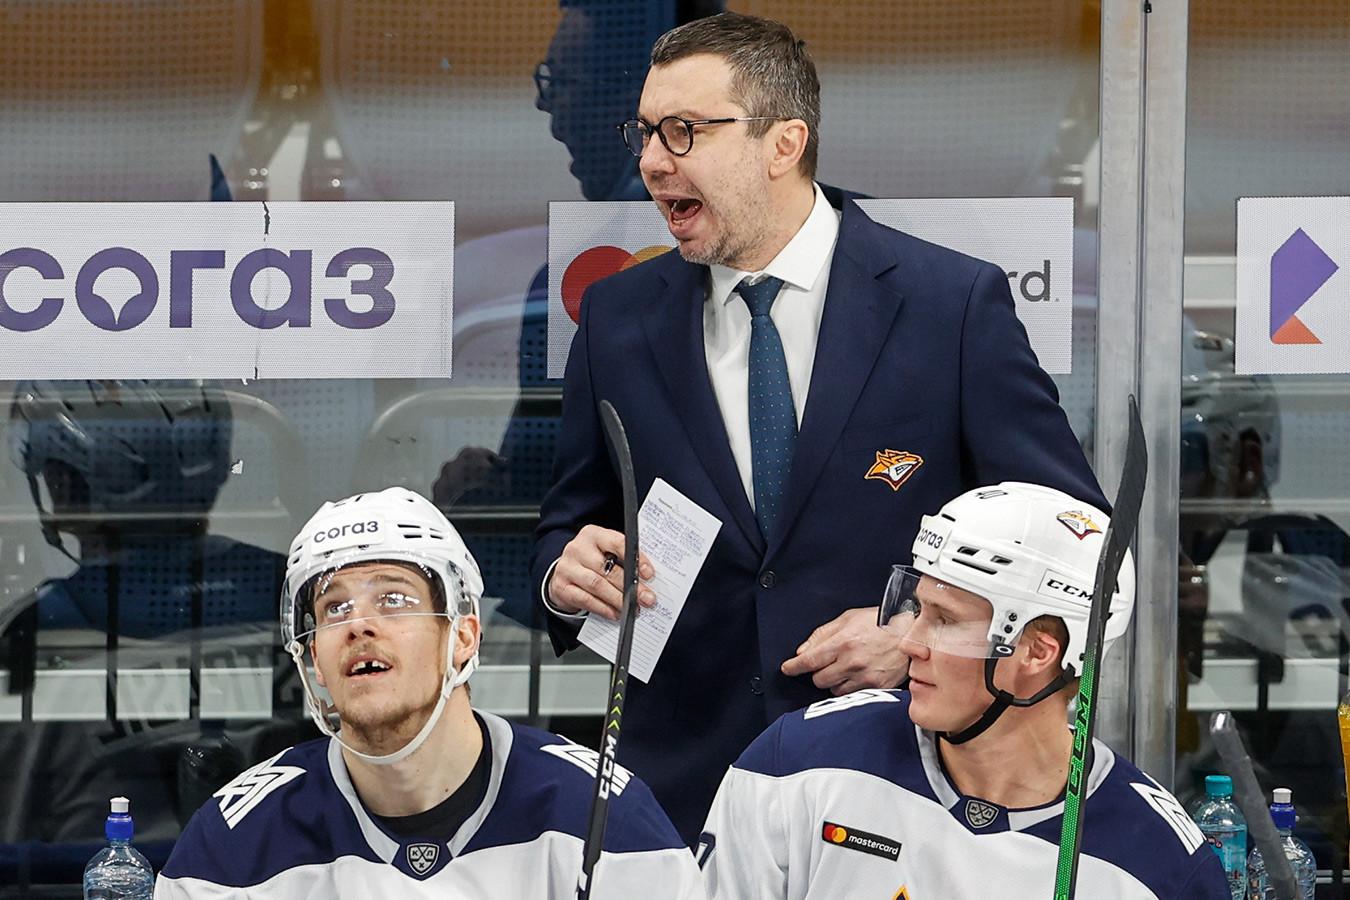 «Металлург» Магнитогорск — СКА, 3 декабря 2020 года, прогноз и ставки букмекеров на матч КХЛ